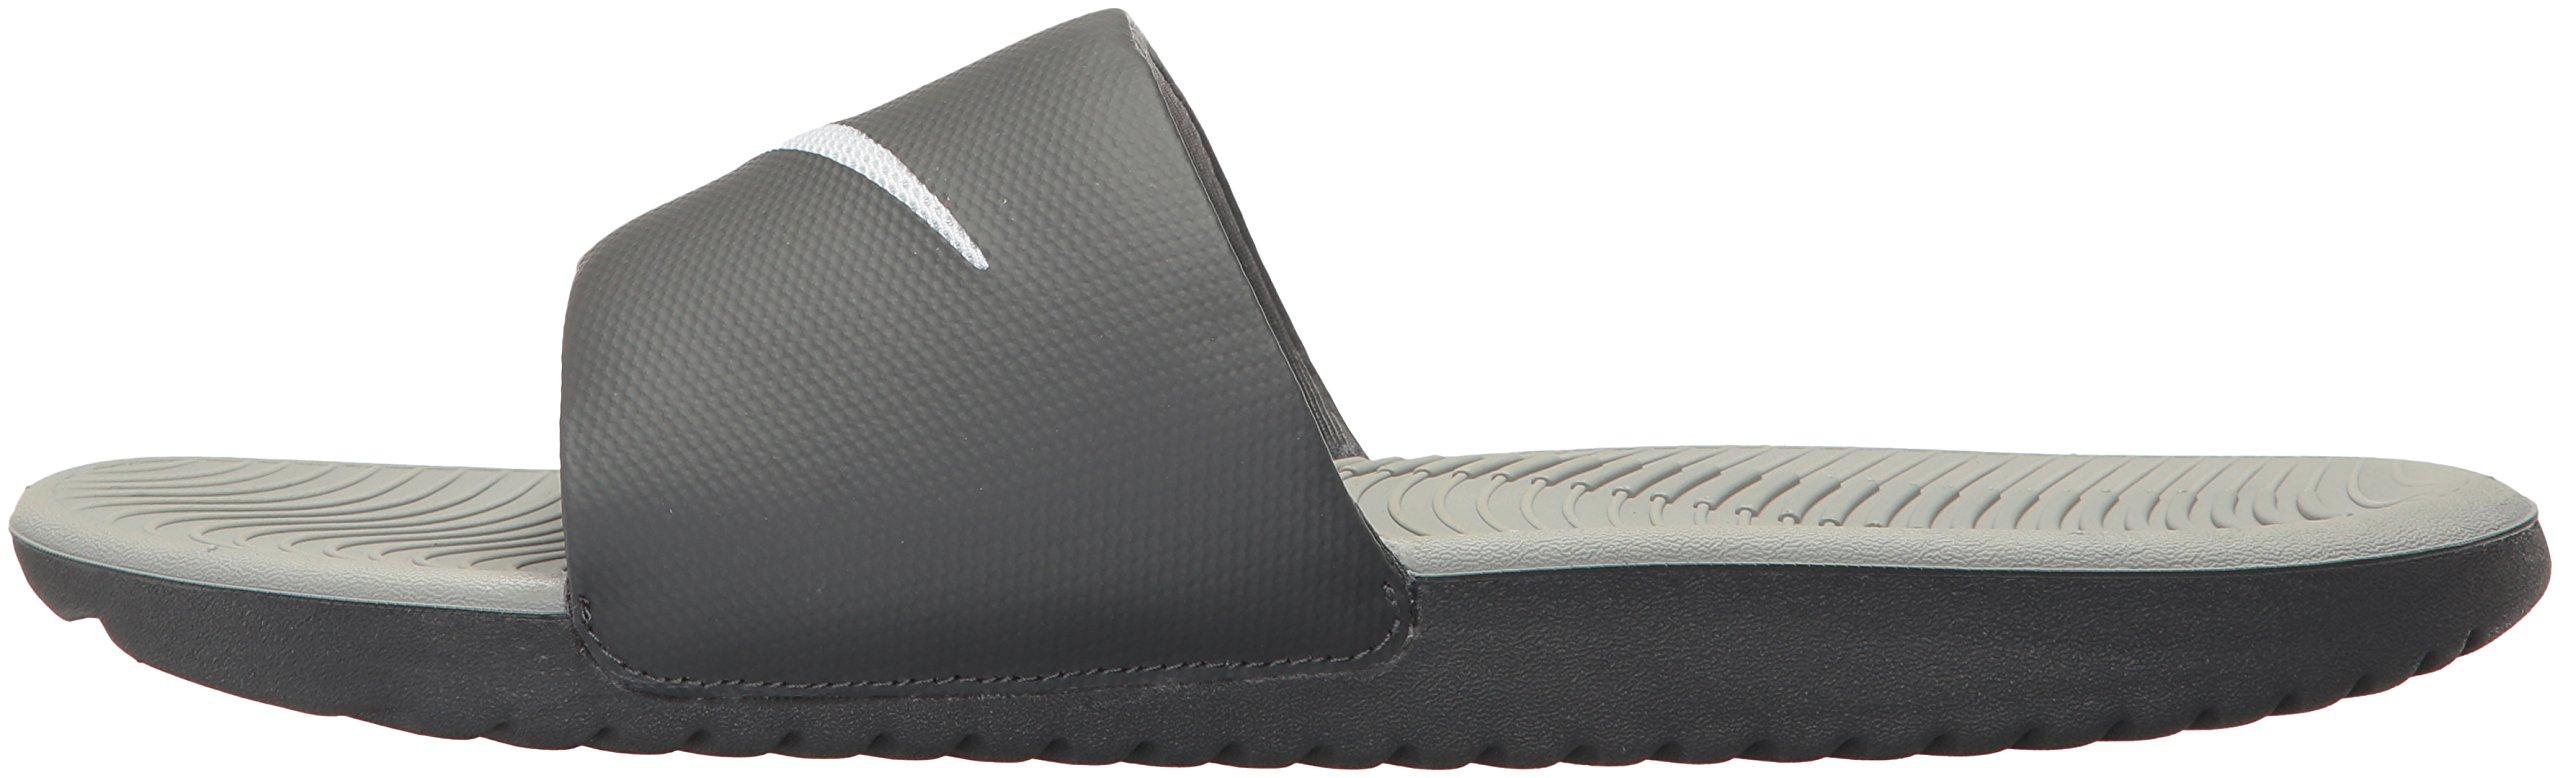 Nike  Free 5.0,  Herren Sportschuhe , rosa - rose - Größe: 42,5 EU